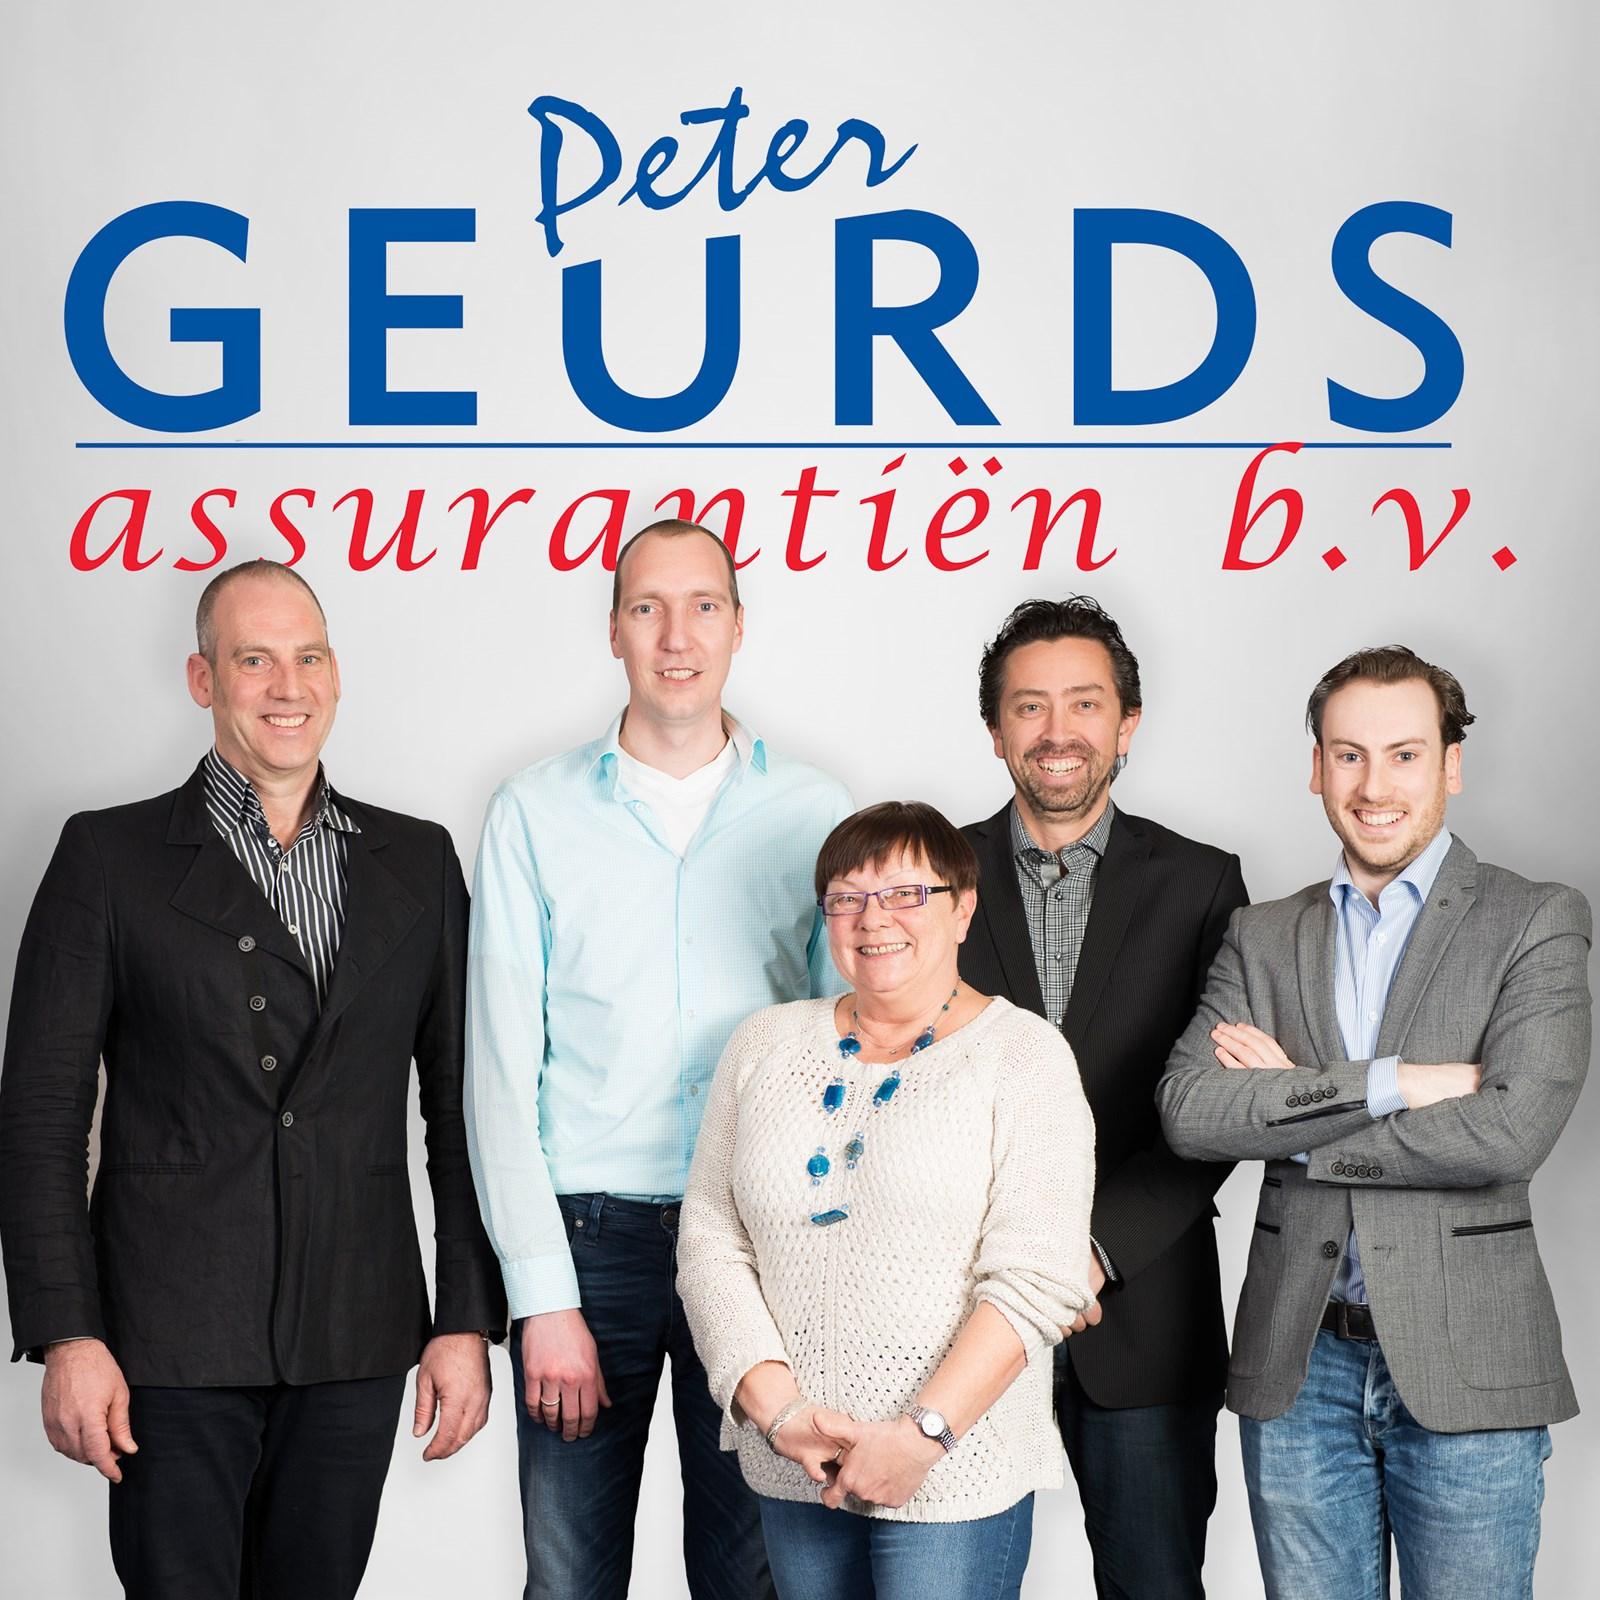 Foto van Peter Geurds Assurantiën